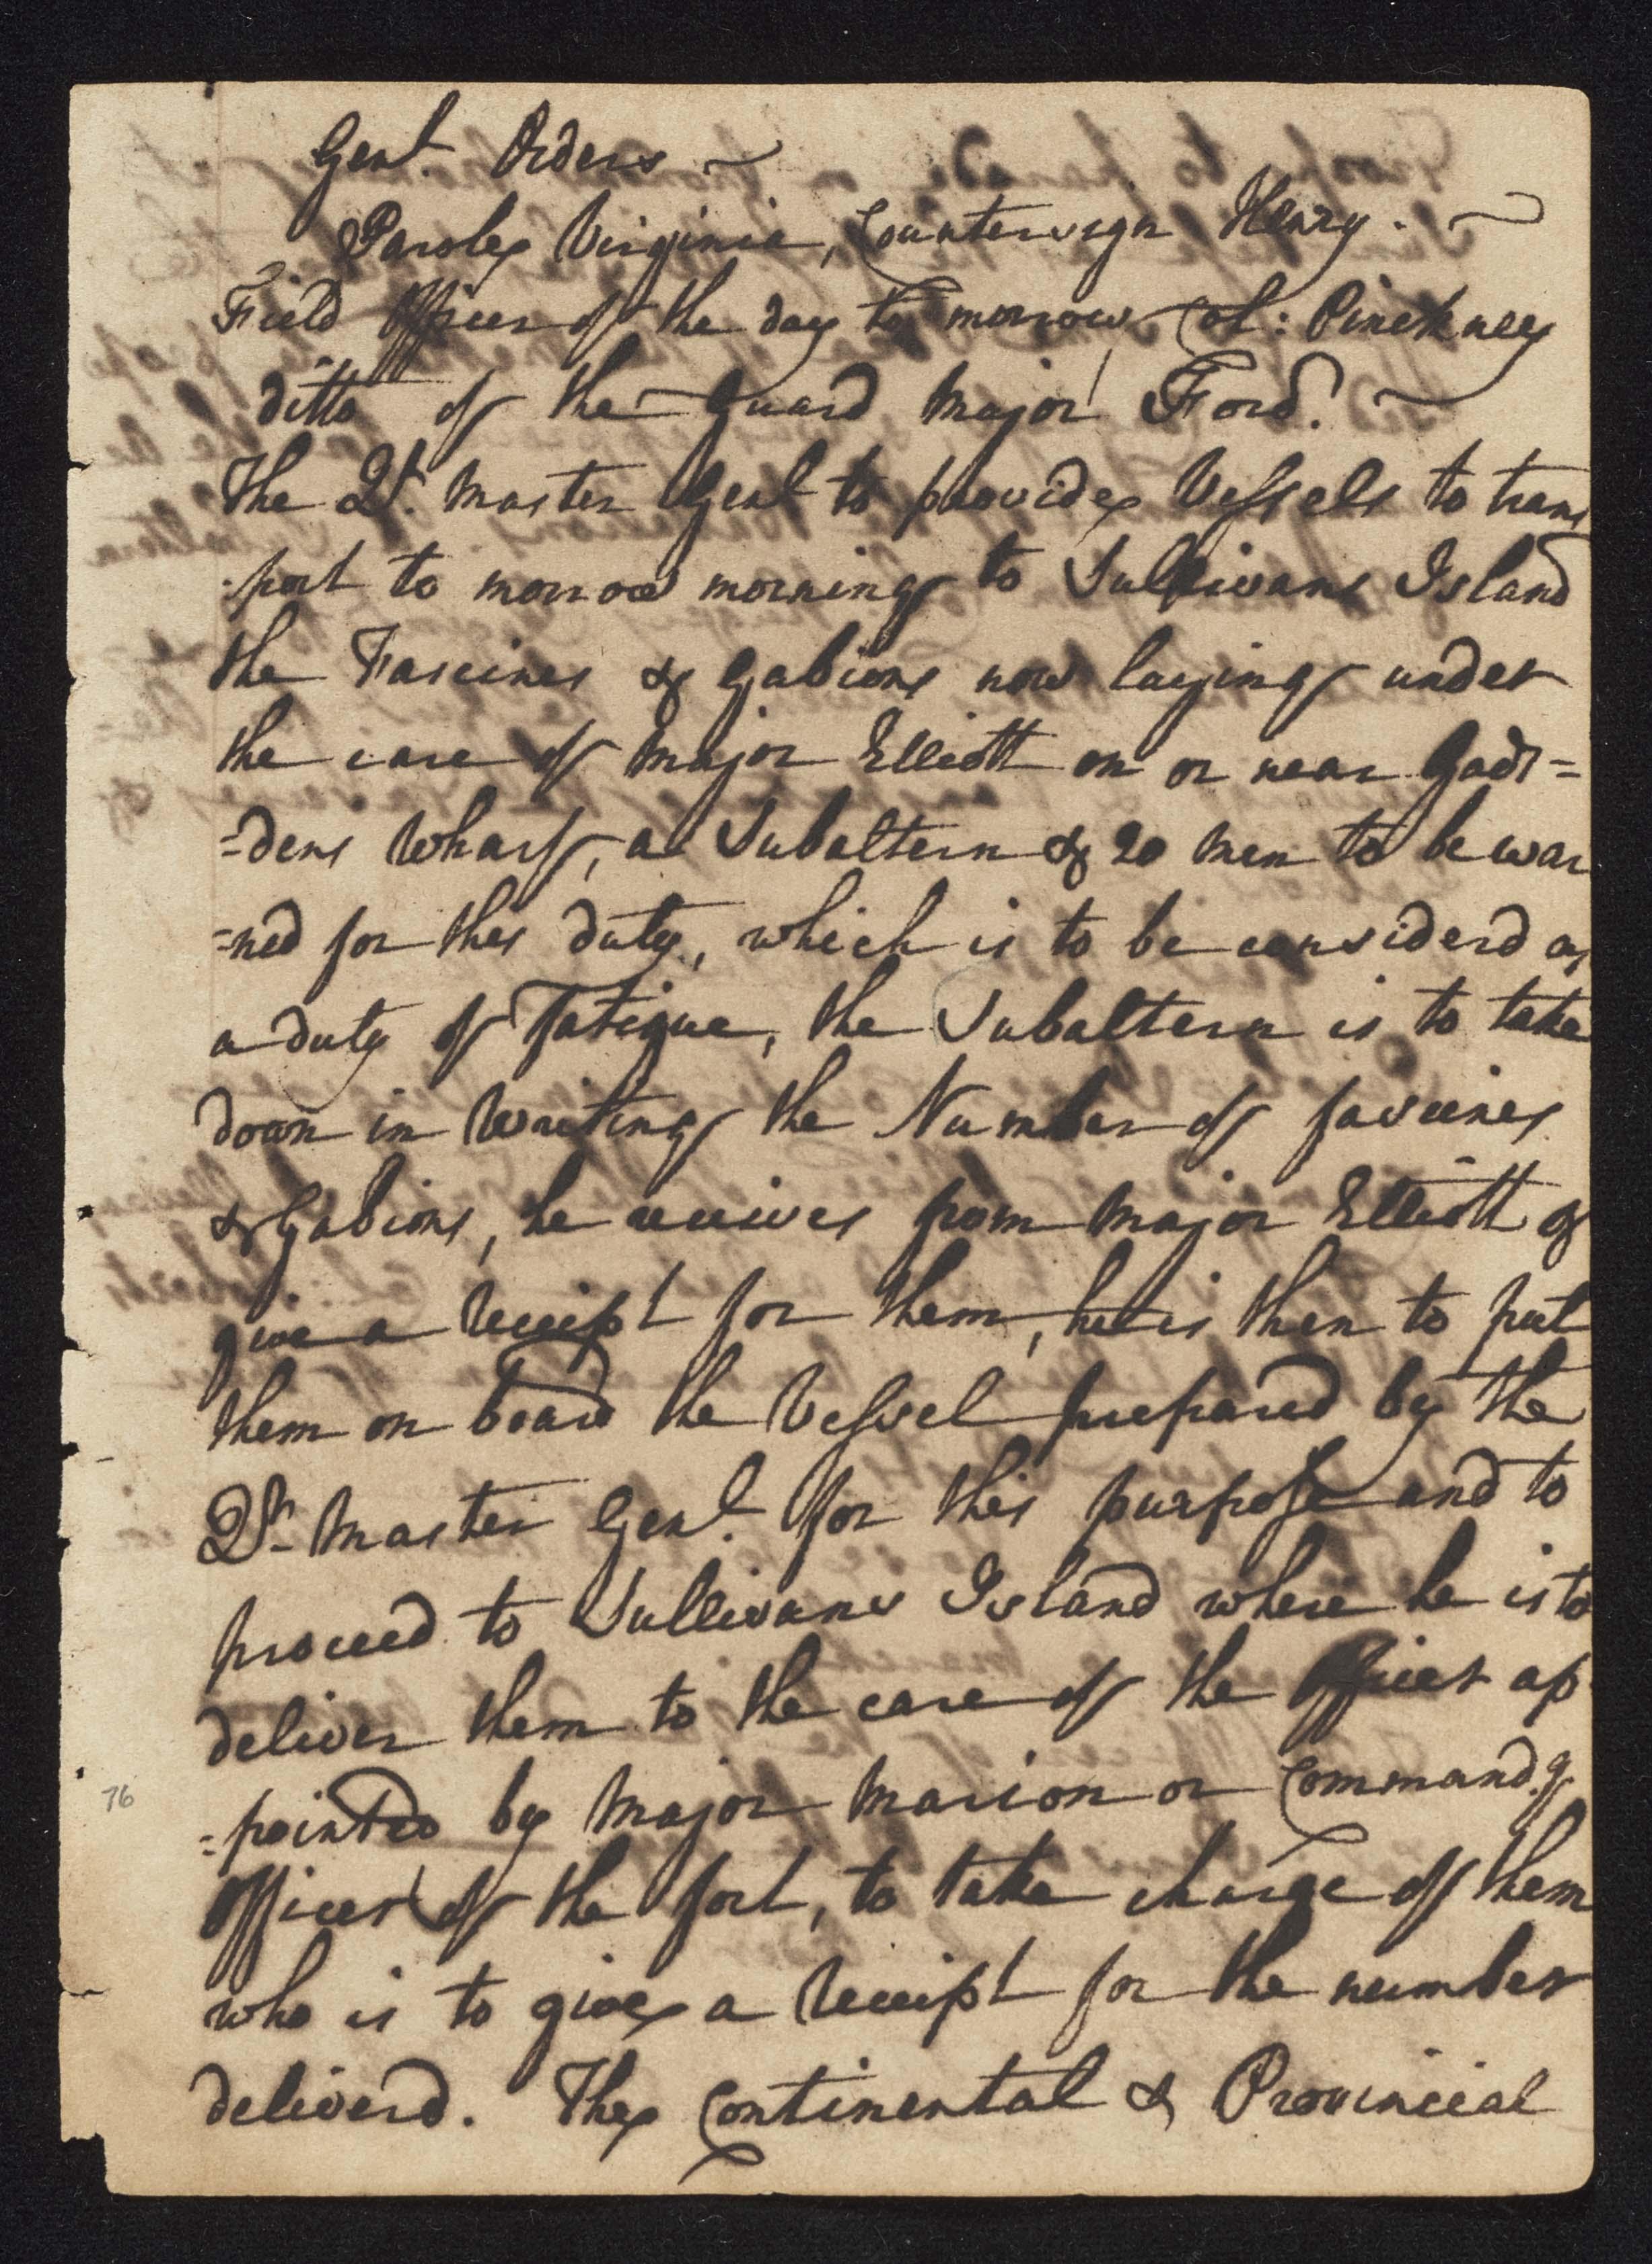 South Carolina Regiment Order Book, Page 151